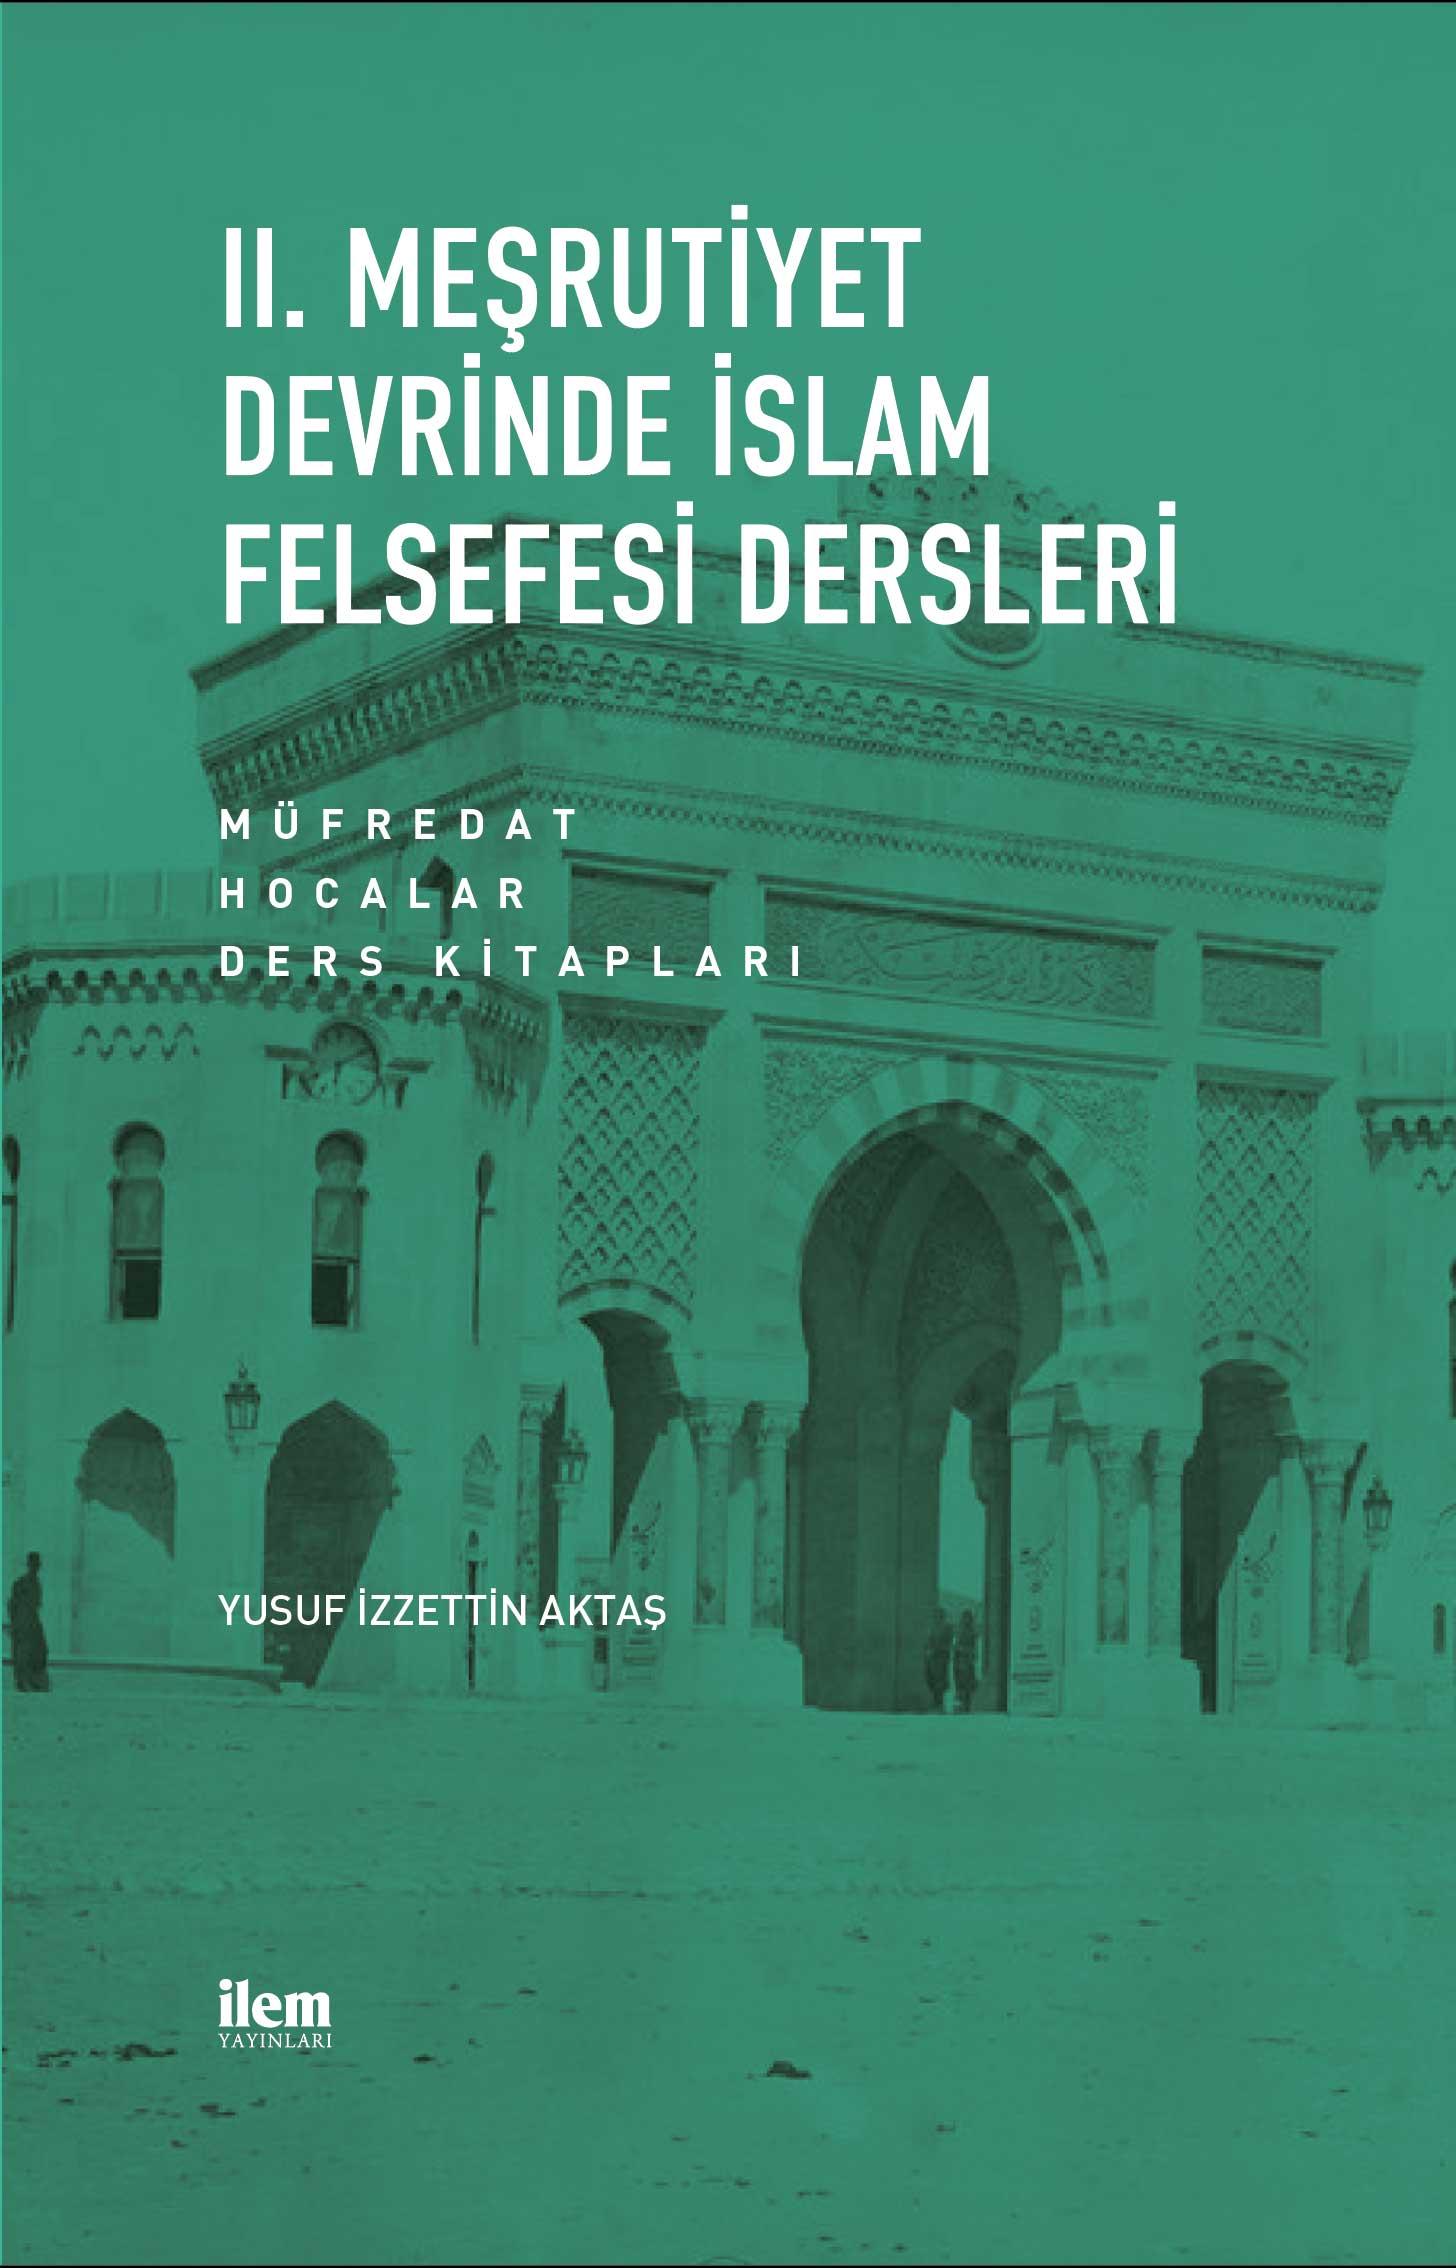 II. Meşrutiyet Devrinde İslam Felsefesi Dersleri